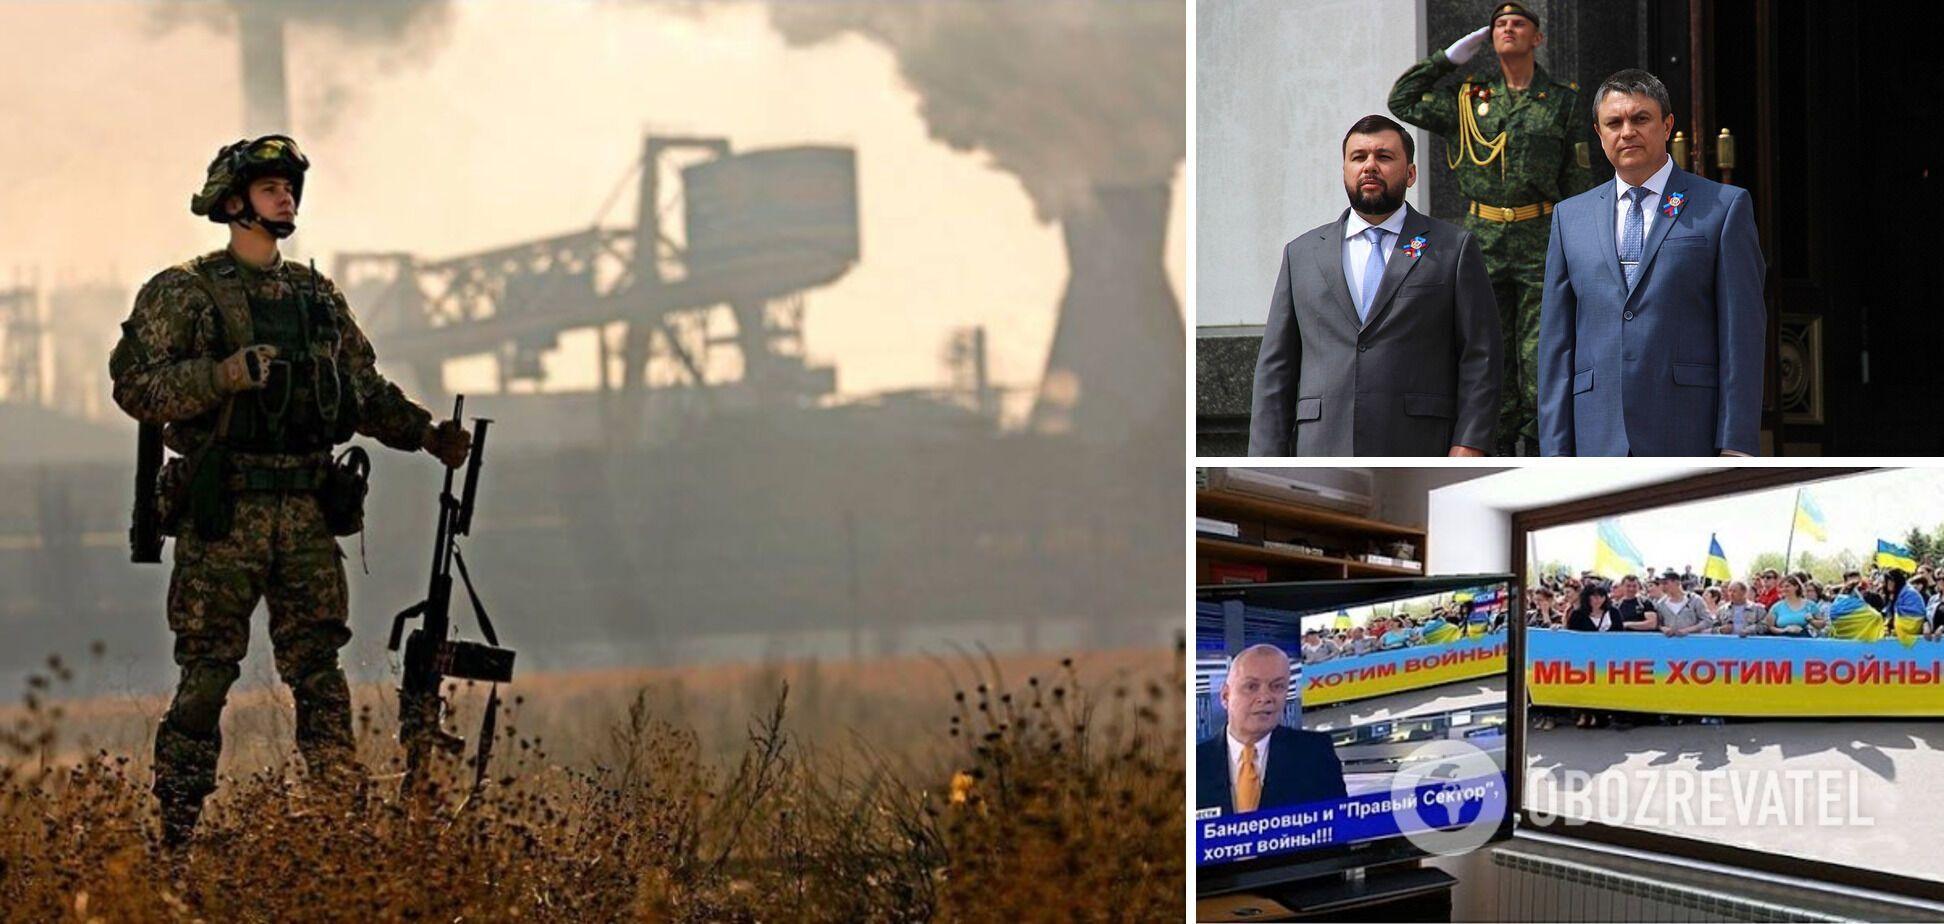 Дрон-убийца, фосфорные бомбы и украинский 'блицкриг': 6 апрельских фейков росСМИ о ВСУ